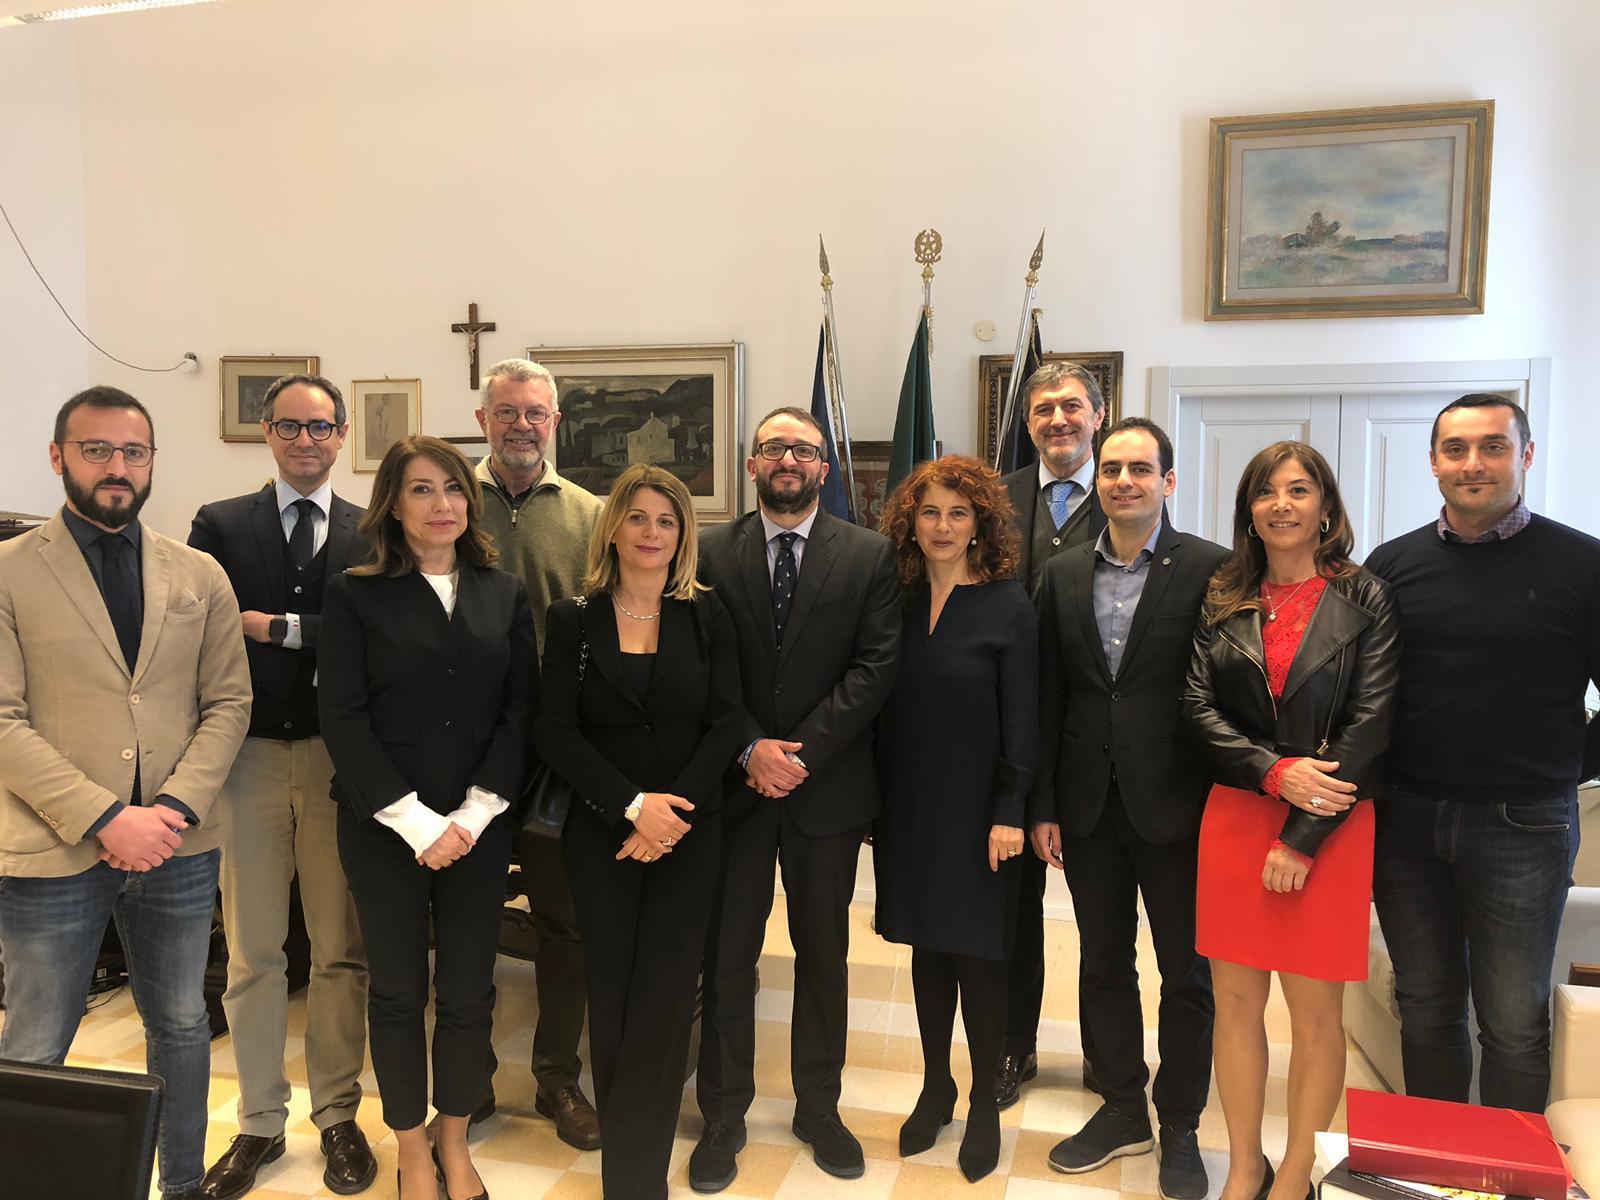 L'Aquila, il sindaco Biondi ritira le dimissioni e presenta la nuova giunta